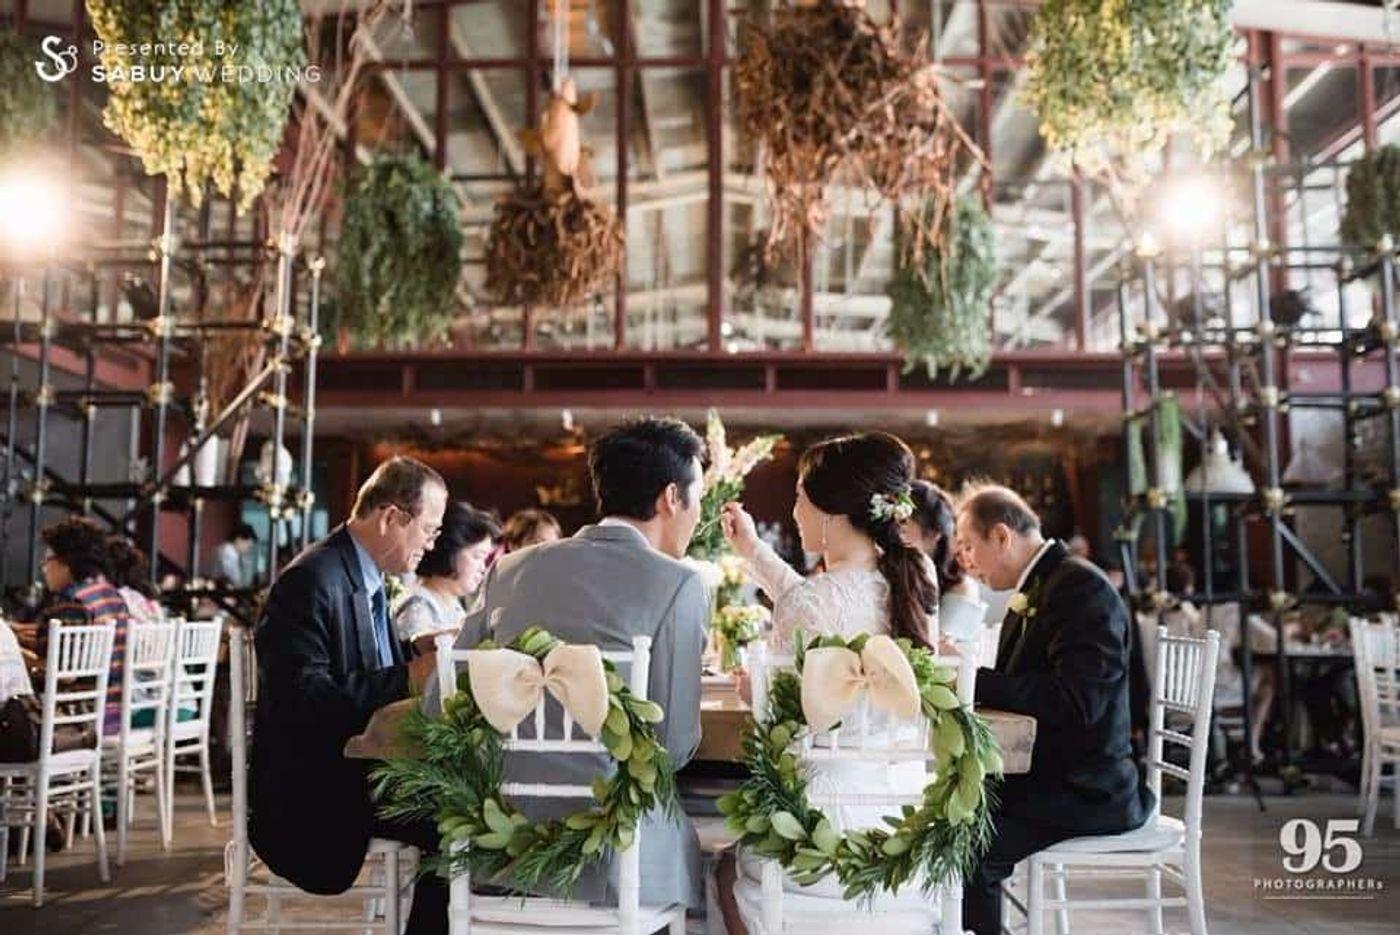 บ่าวสาว,รูปงานแต่ง,long-table,สถานที่แต่งงาน,สถานที่จัดงานแต่งงาน รีวิวงานแต่ง กิมมิคสนุกทุก Sequence ปังจนเพื่อนยังต้องยกนิ้ว @Vivarium by Chef Ministry